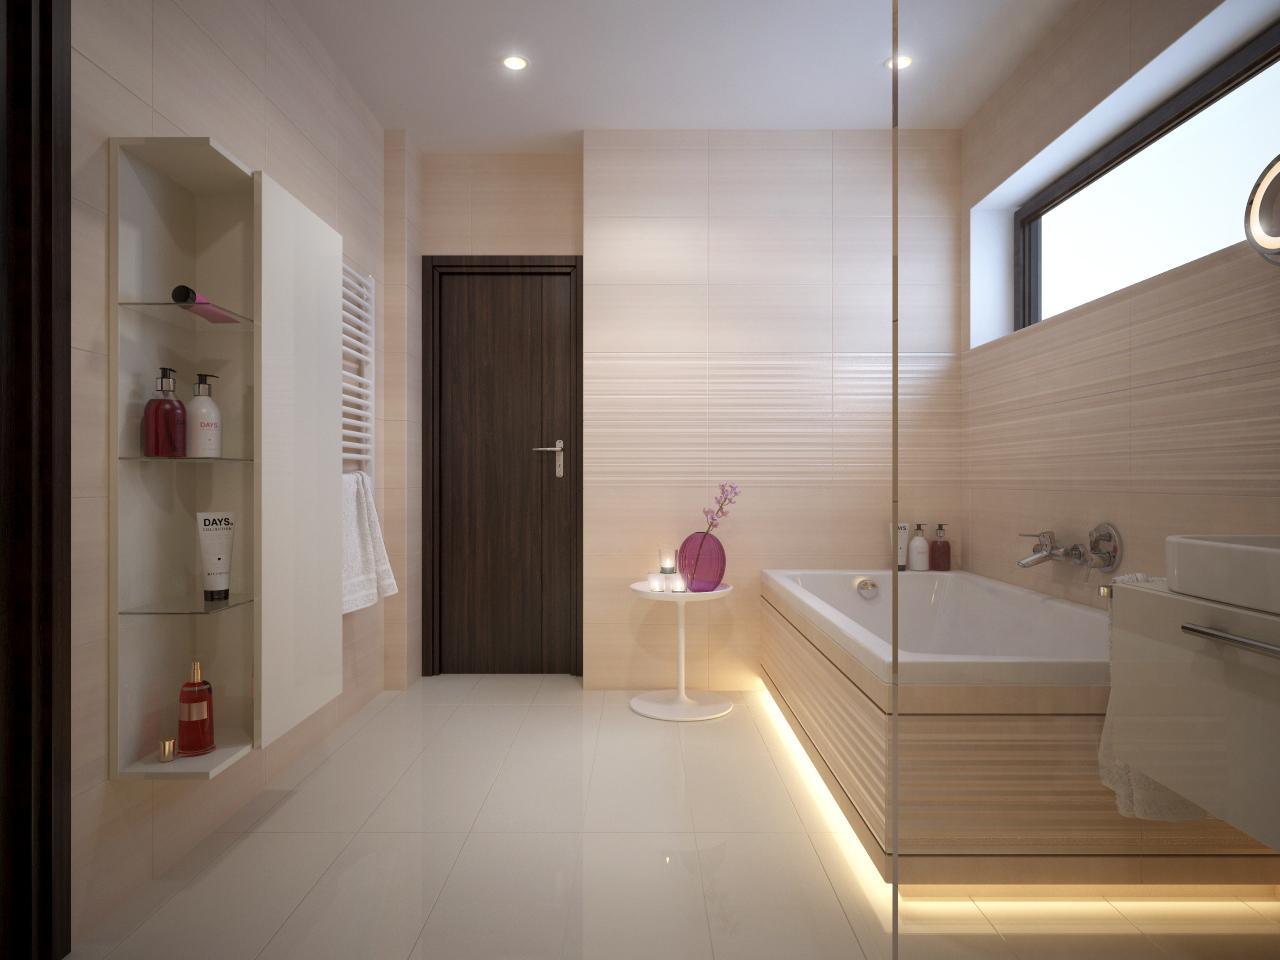 Pohľad do vašej budúcej kúpeľne - Vizualizácia kúpeľne BENEVA  - biely lesklý obklad + keramická dlažba v dizajne dreva